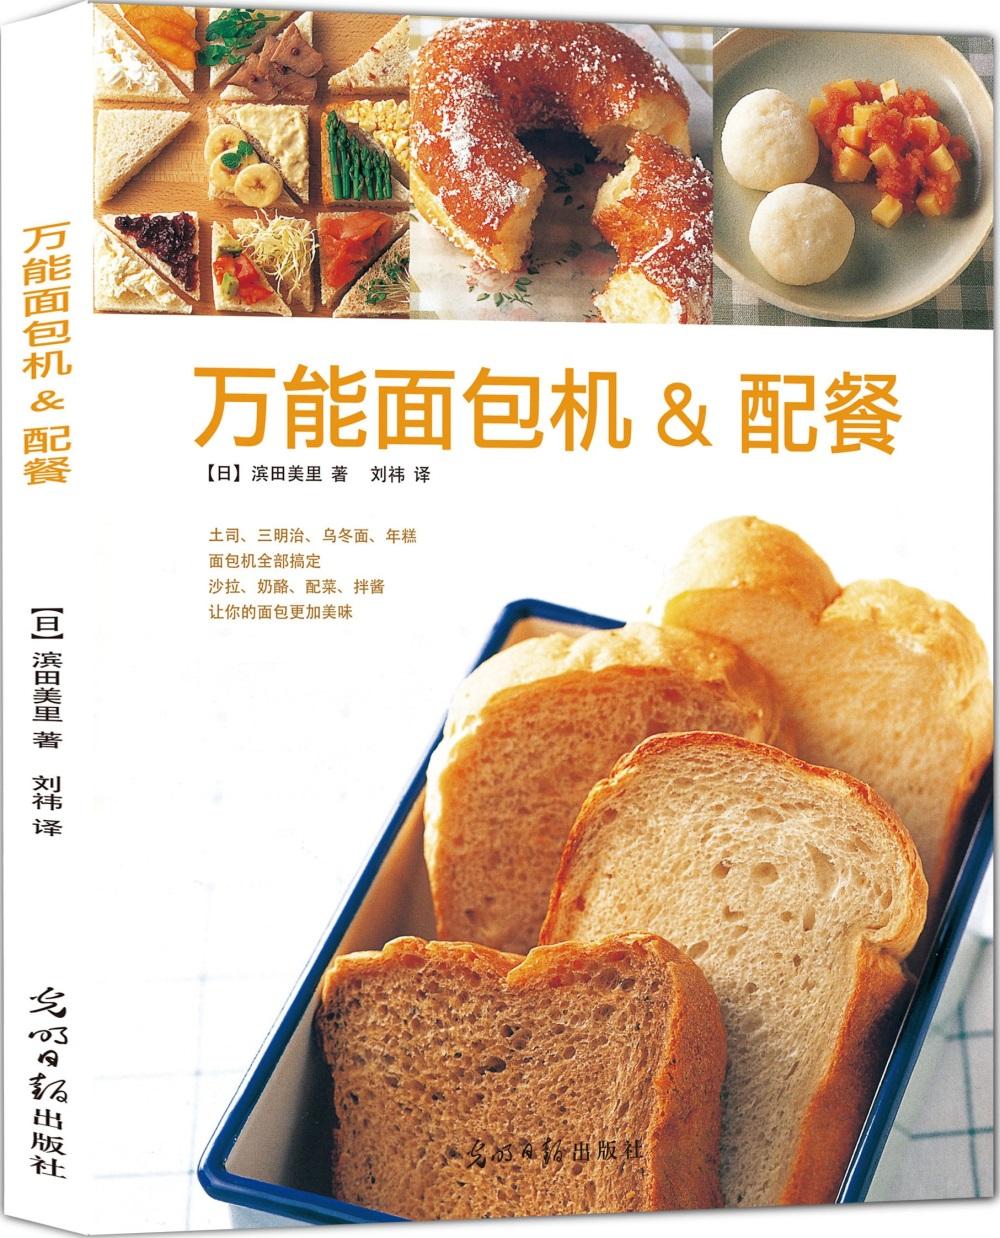 萬能面包機&配餐